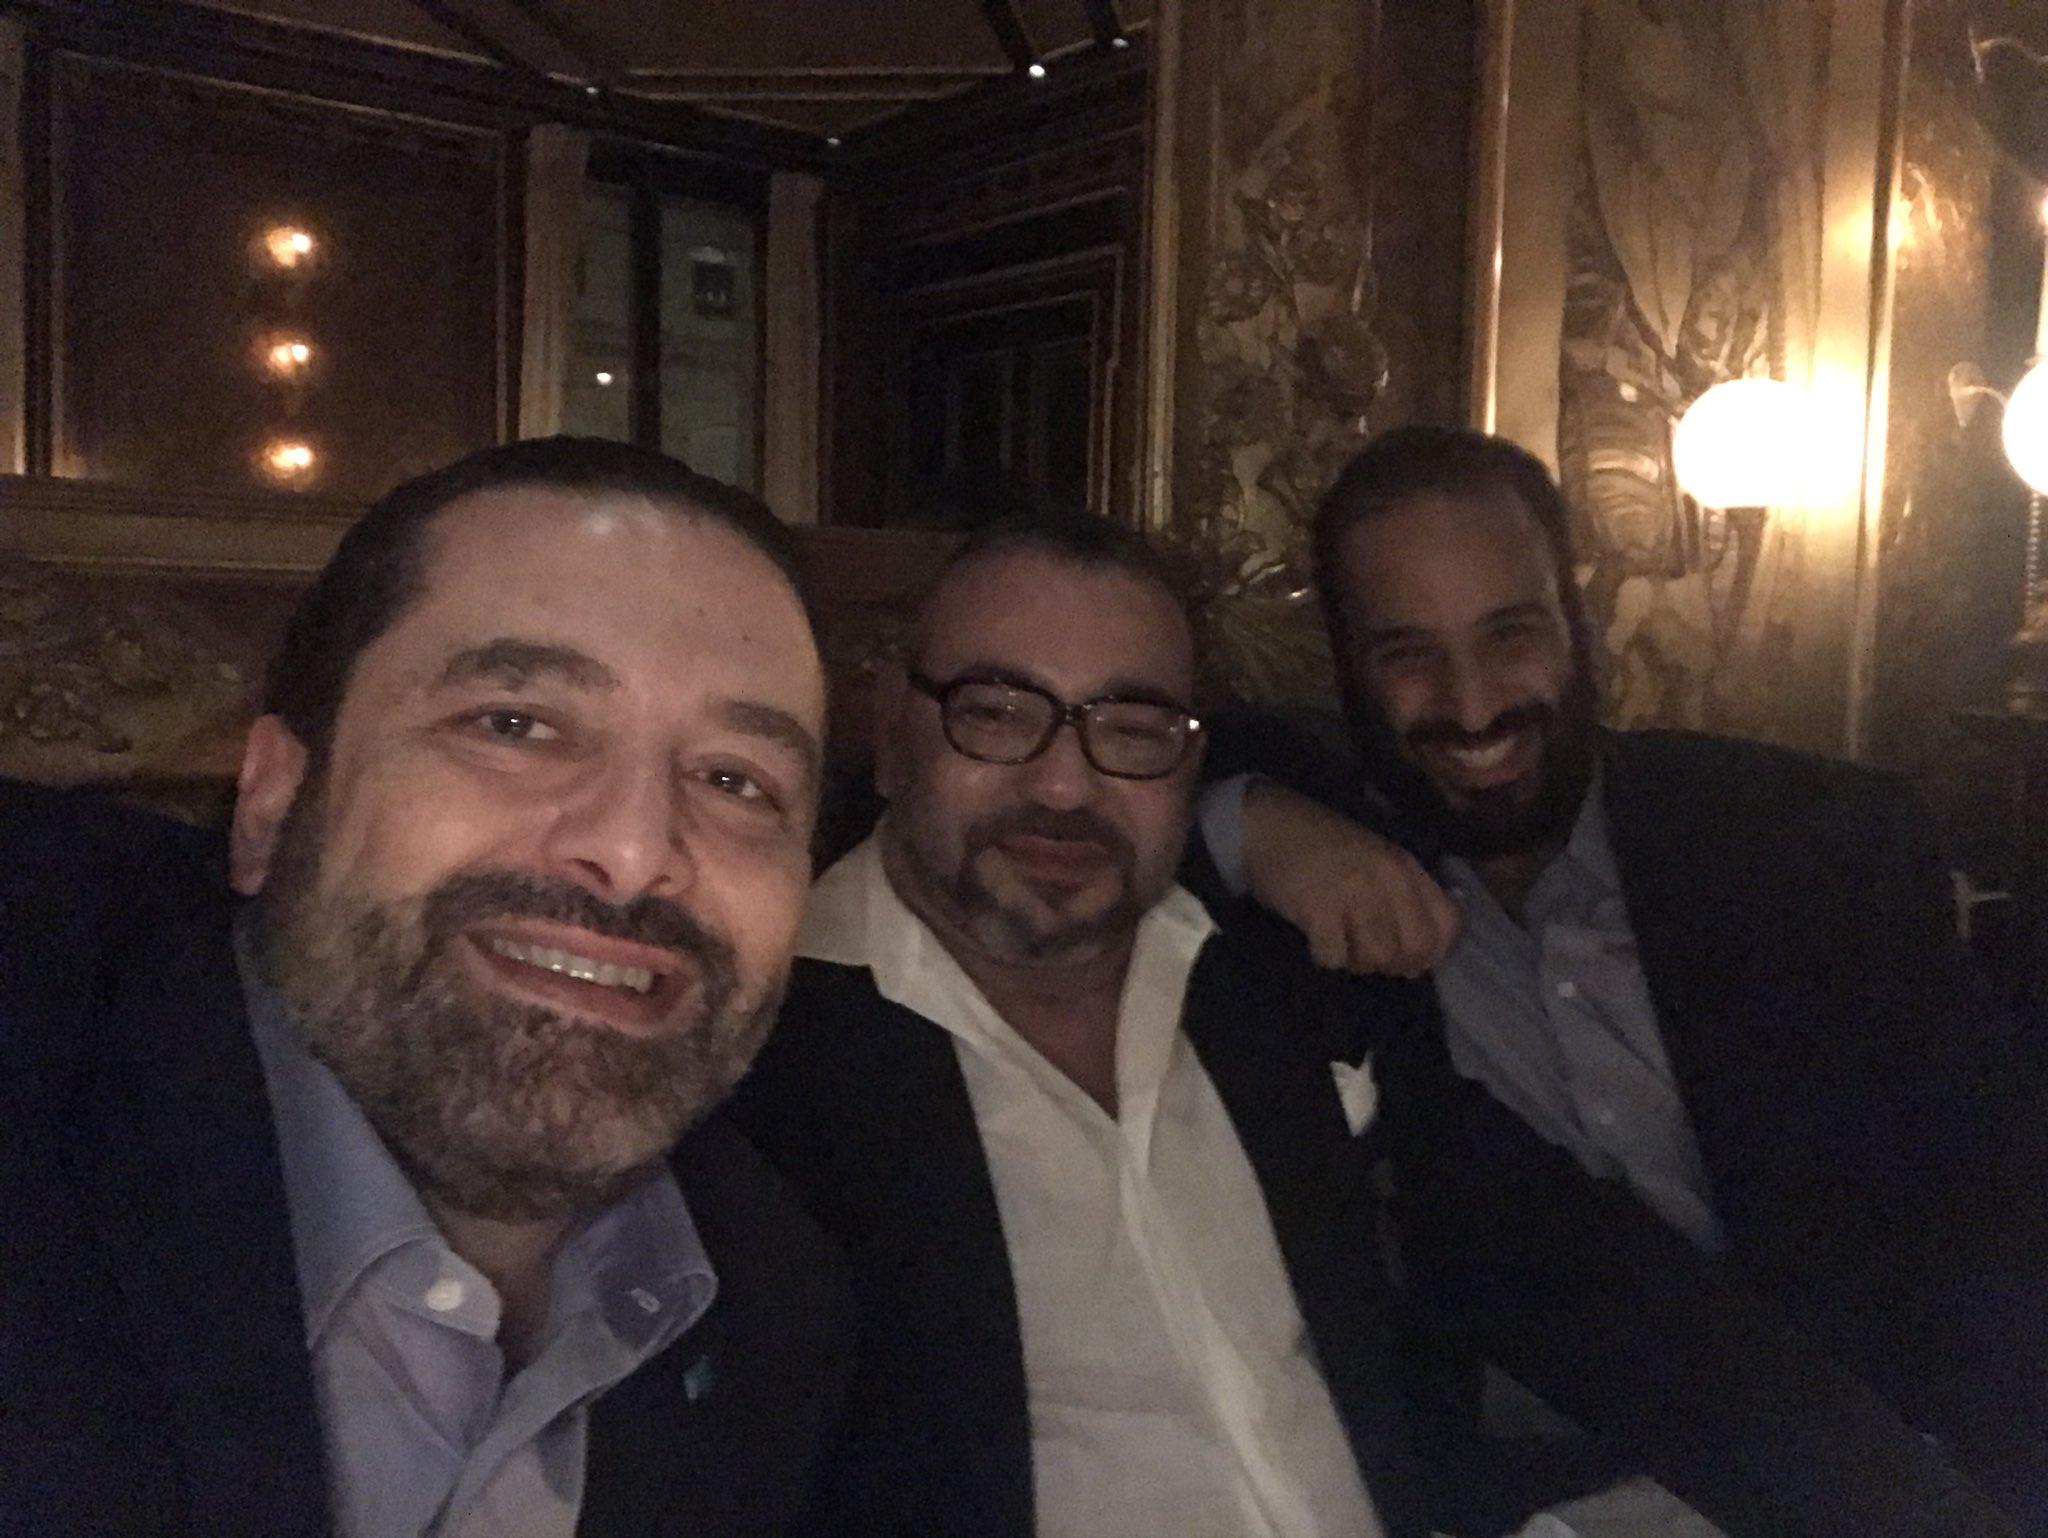 Саад аль-Харири разместил в Twitter совместную фотографию с наследным принцем и Королём Марокко в Париже